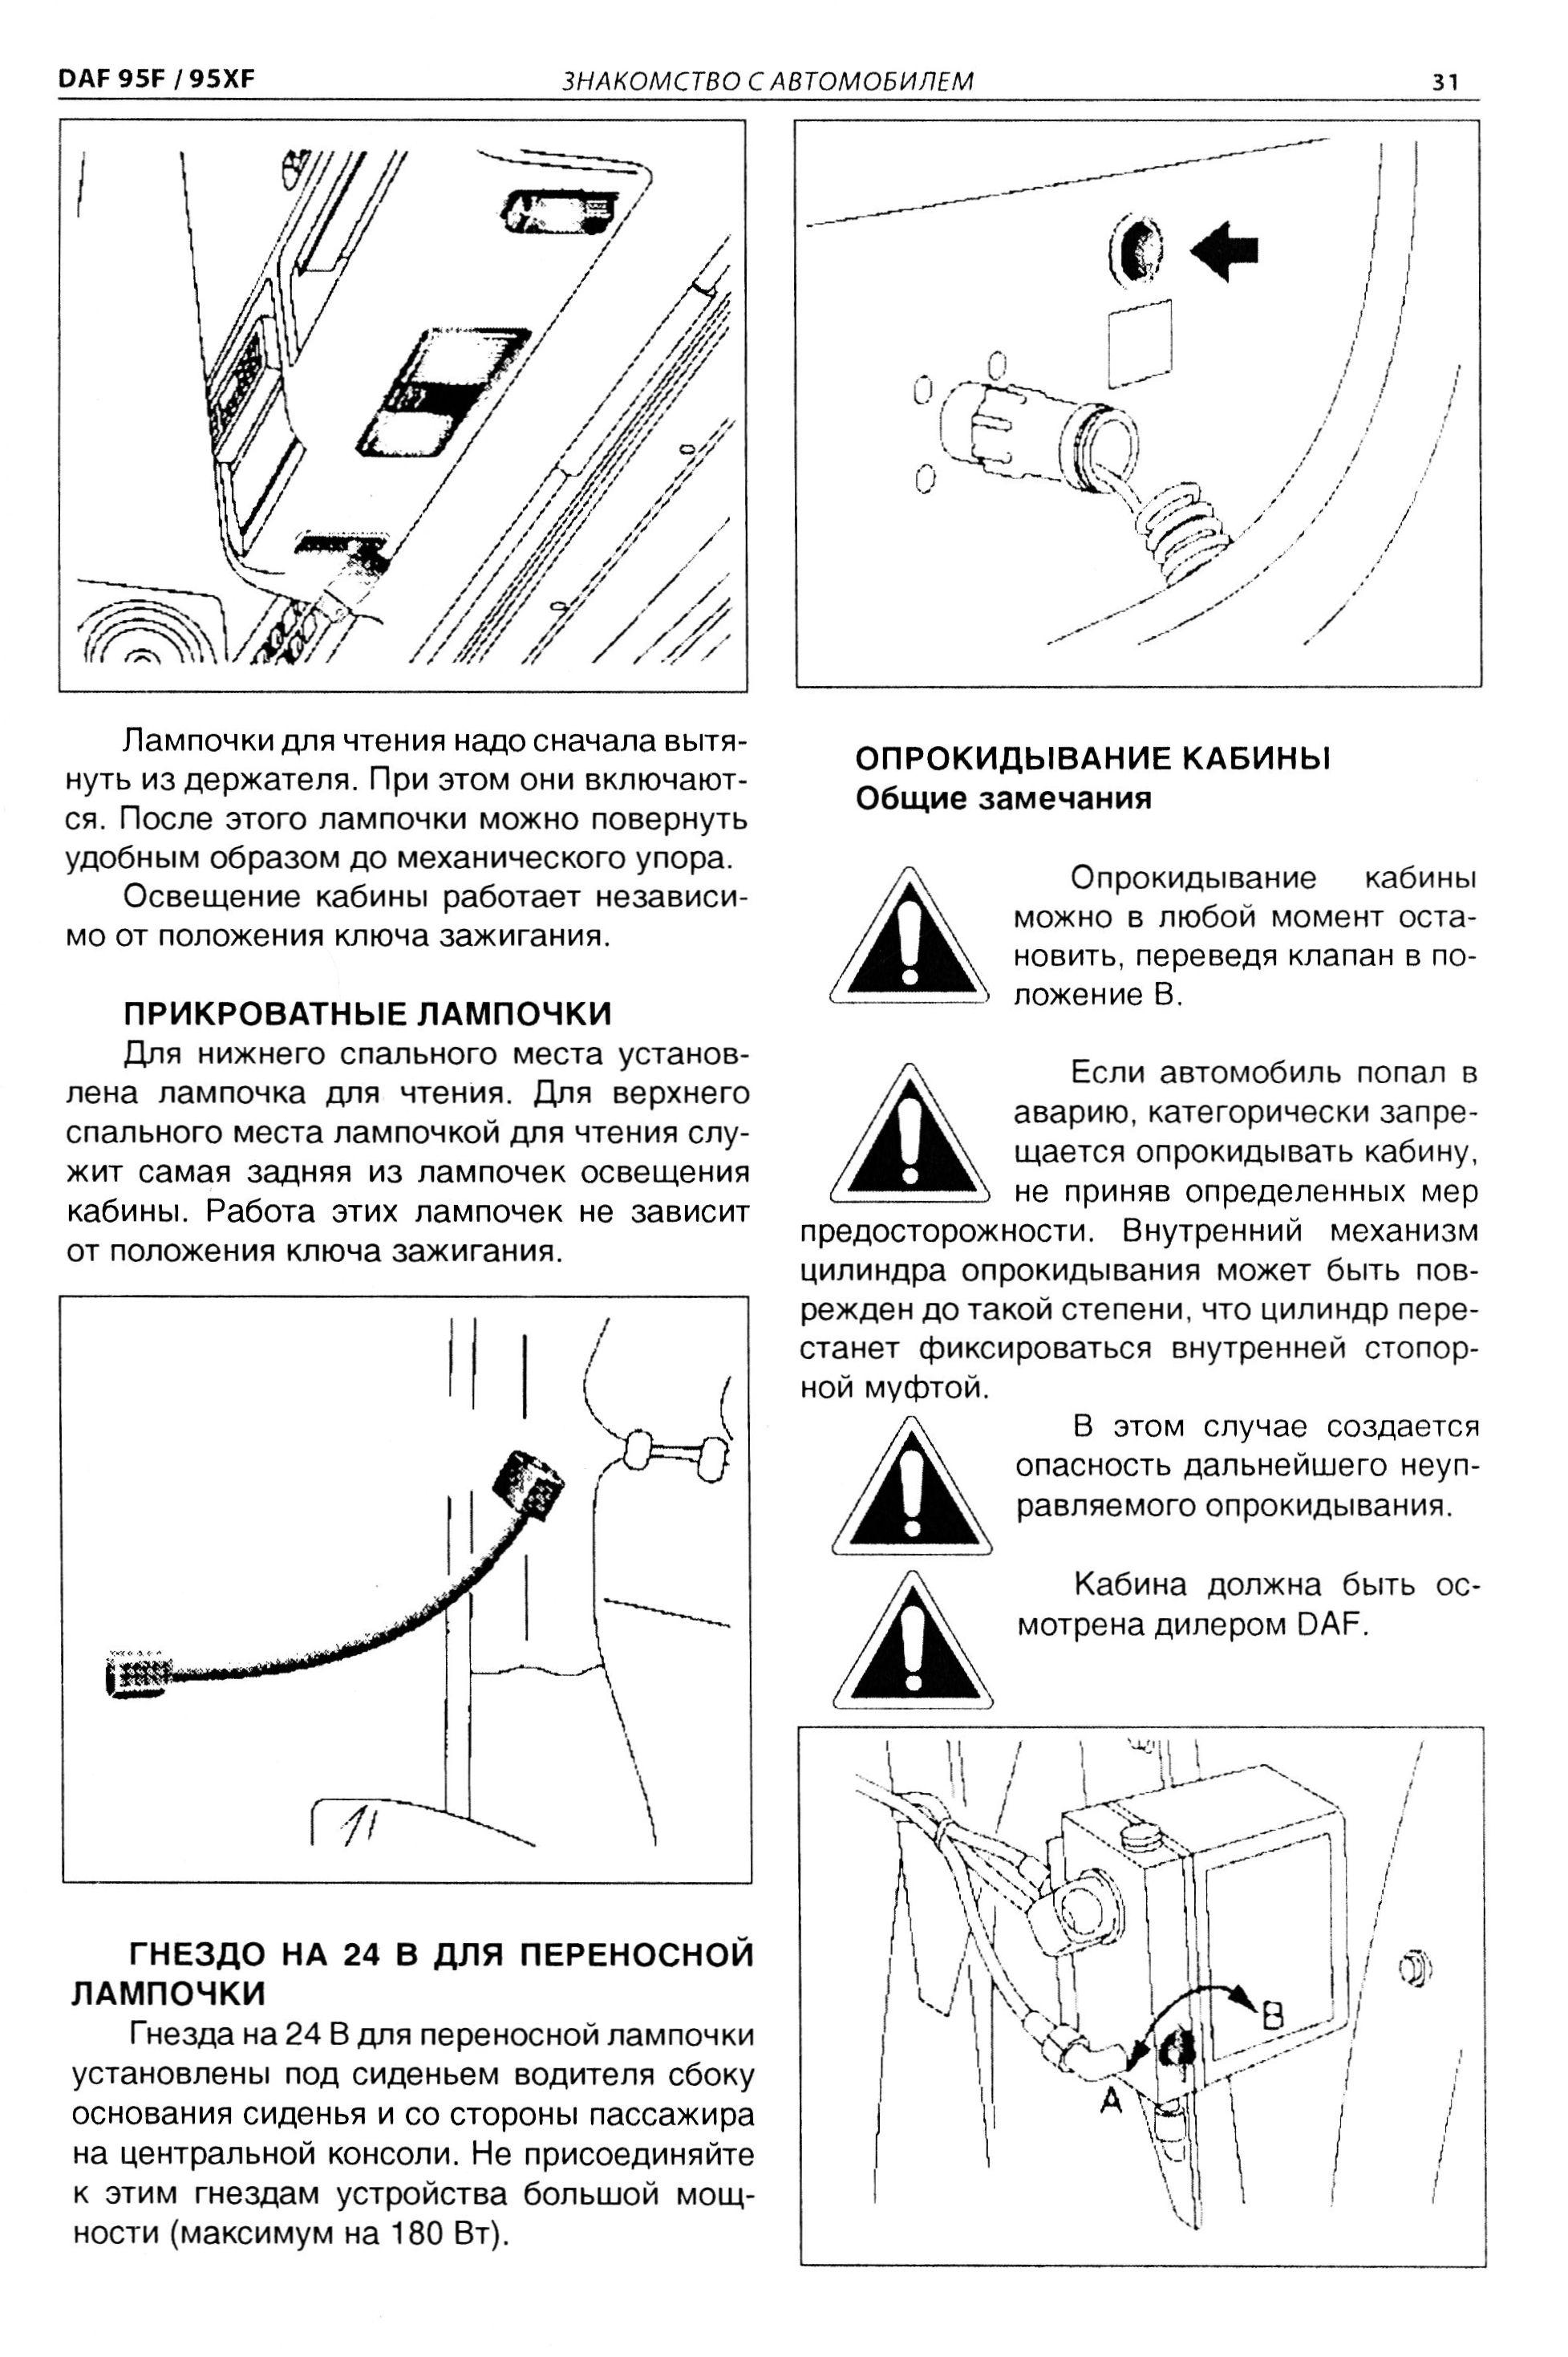 Инструкция По Эксплуатации Даф 95